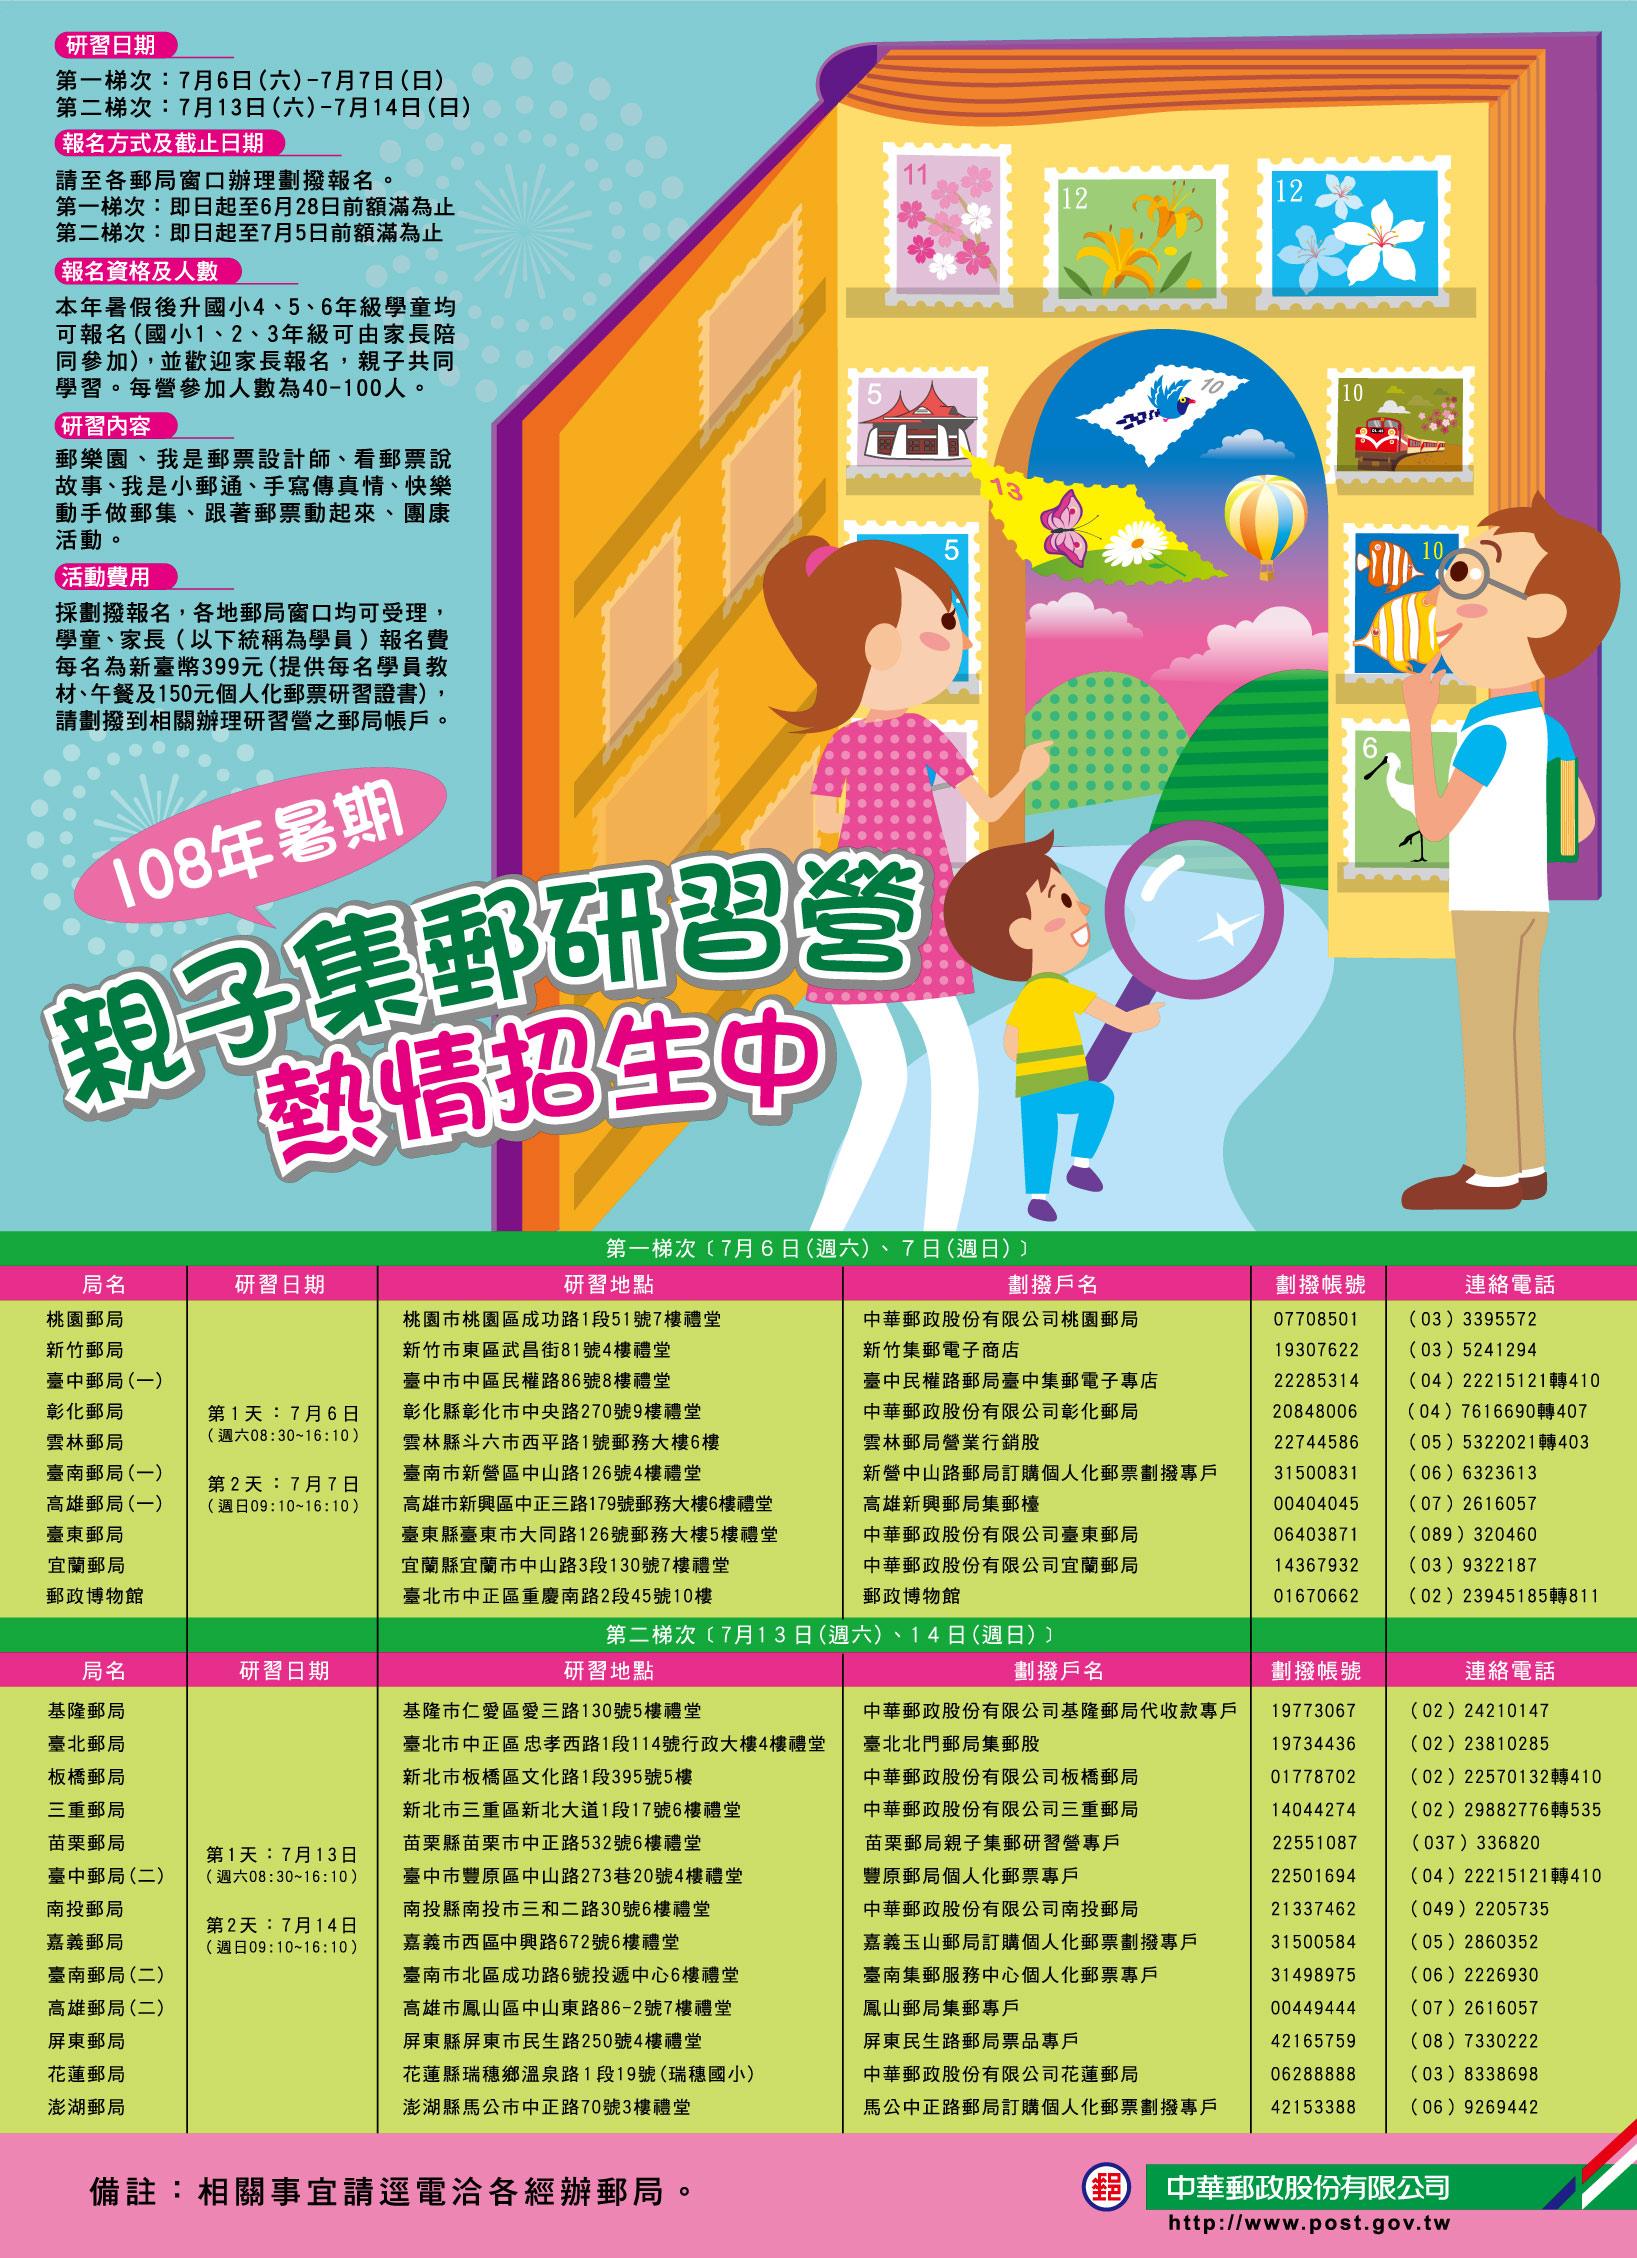 108年暑期親子集郵研習營活動海報